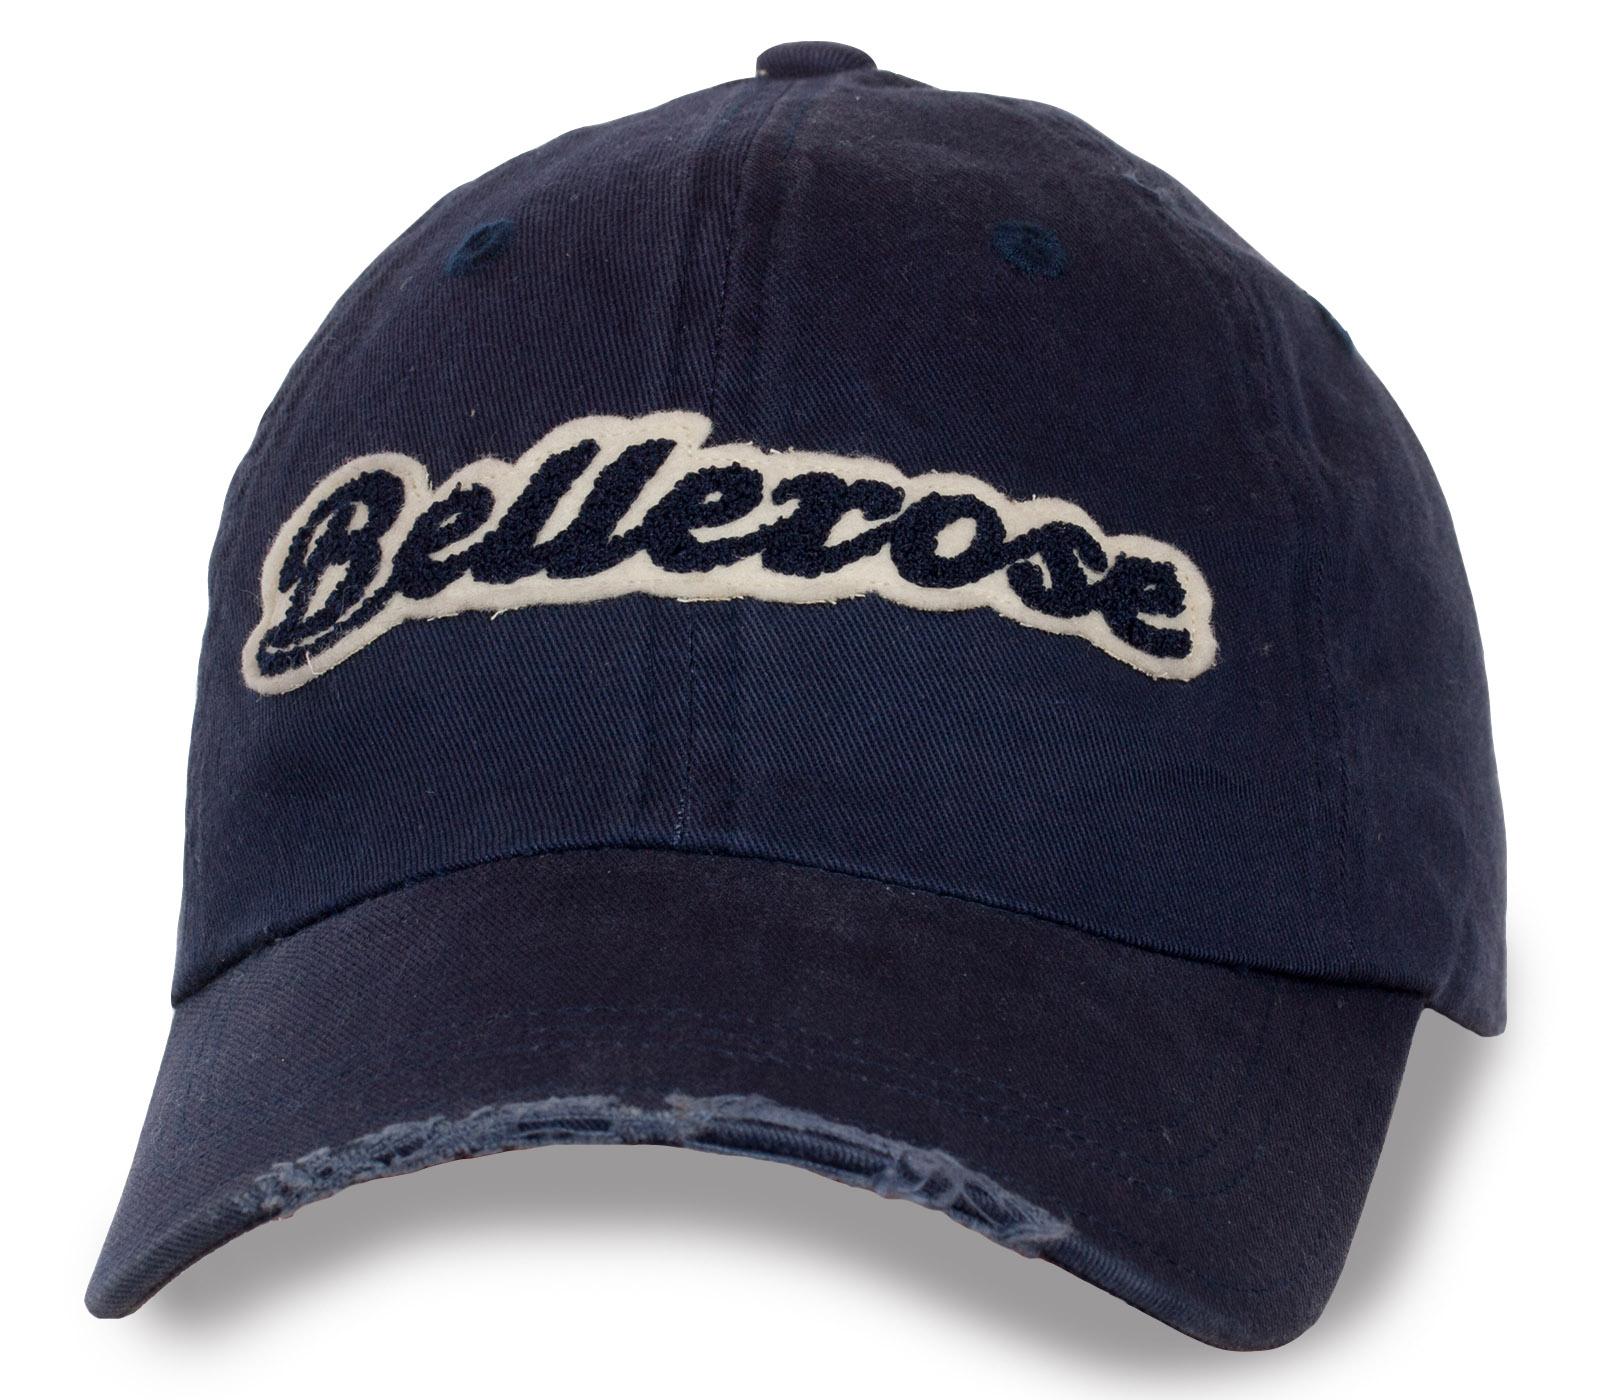 Состаренная кепка BELLEXOSE.